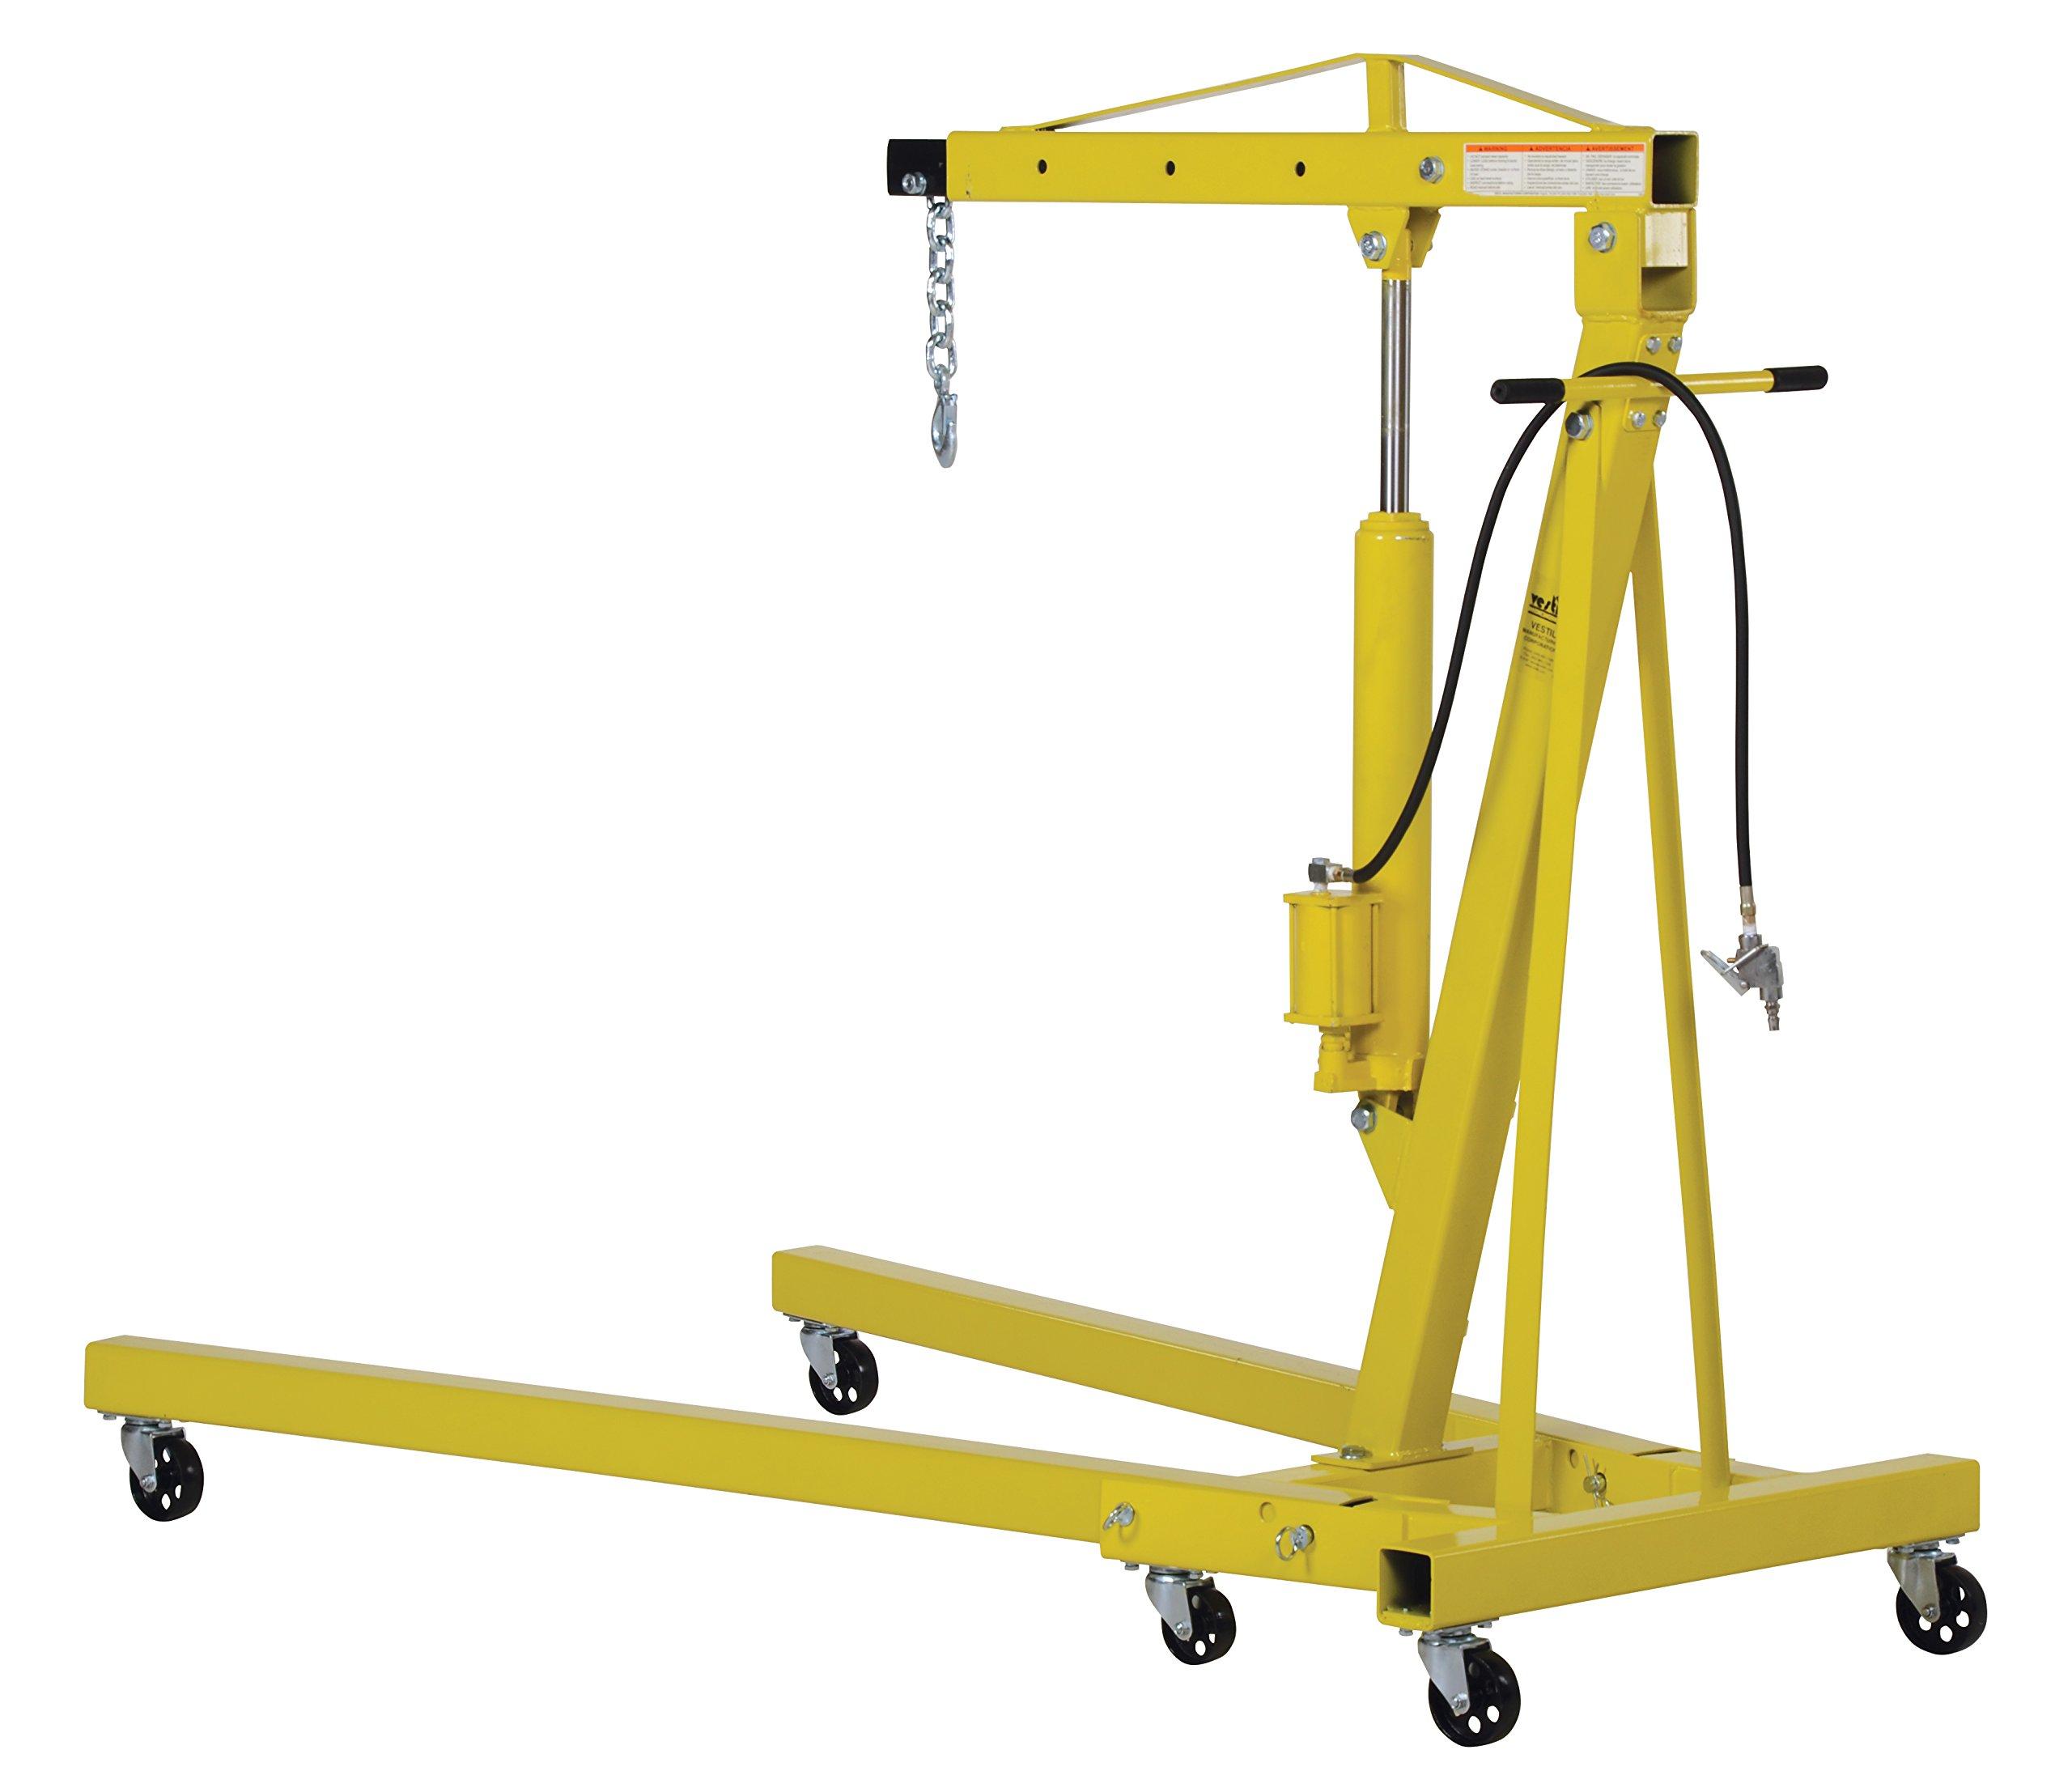 Vestil EHN-40-C-AH Steel Air/Hand Pump Hydraulic Shop Crane Engine Hoist with Folding Legs 4000 lbs Capacity by Vestil (Image #5)